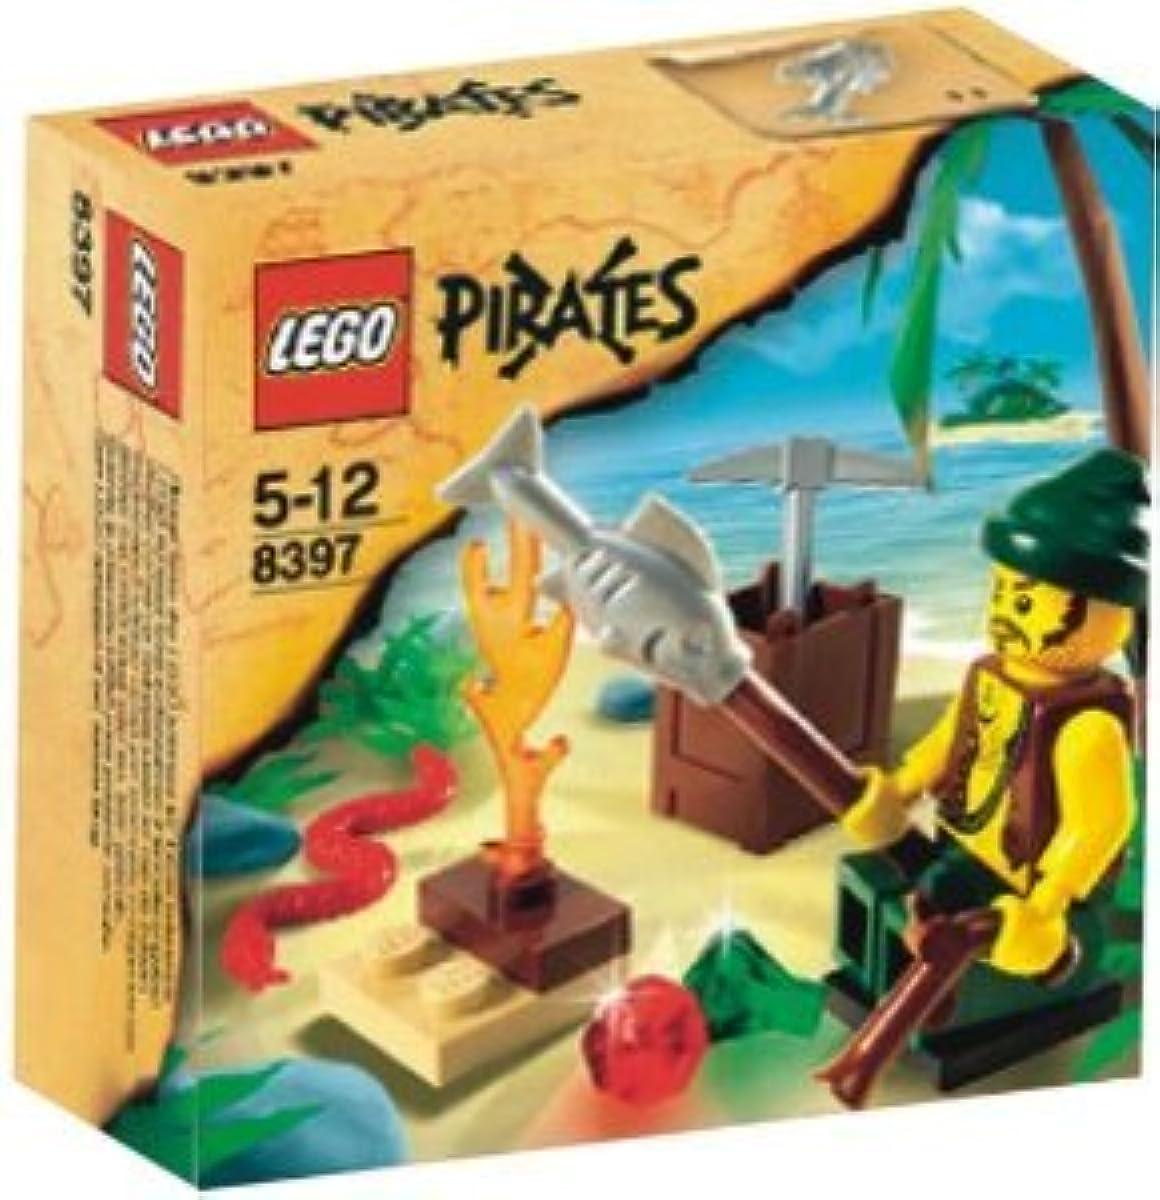 [해외] LEGO (레고) PIRATES SET #8397 PIRATE SURVIVAL 블럭 장난감 (병행수입)